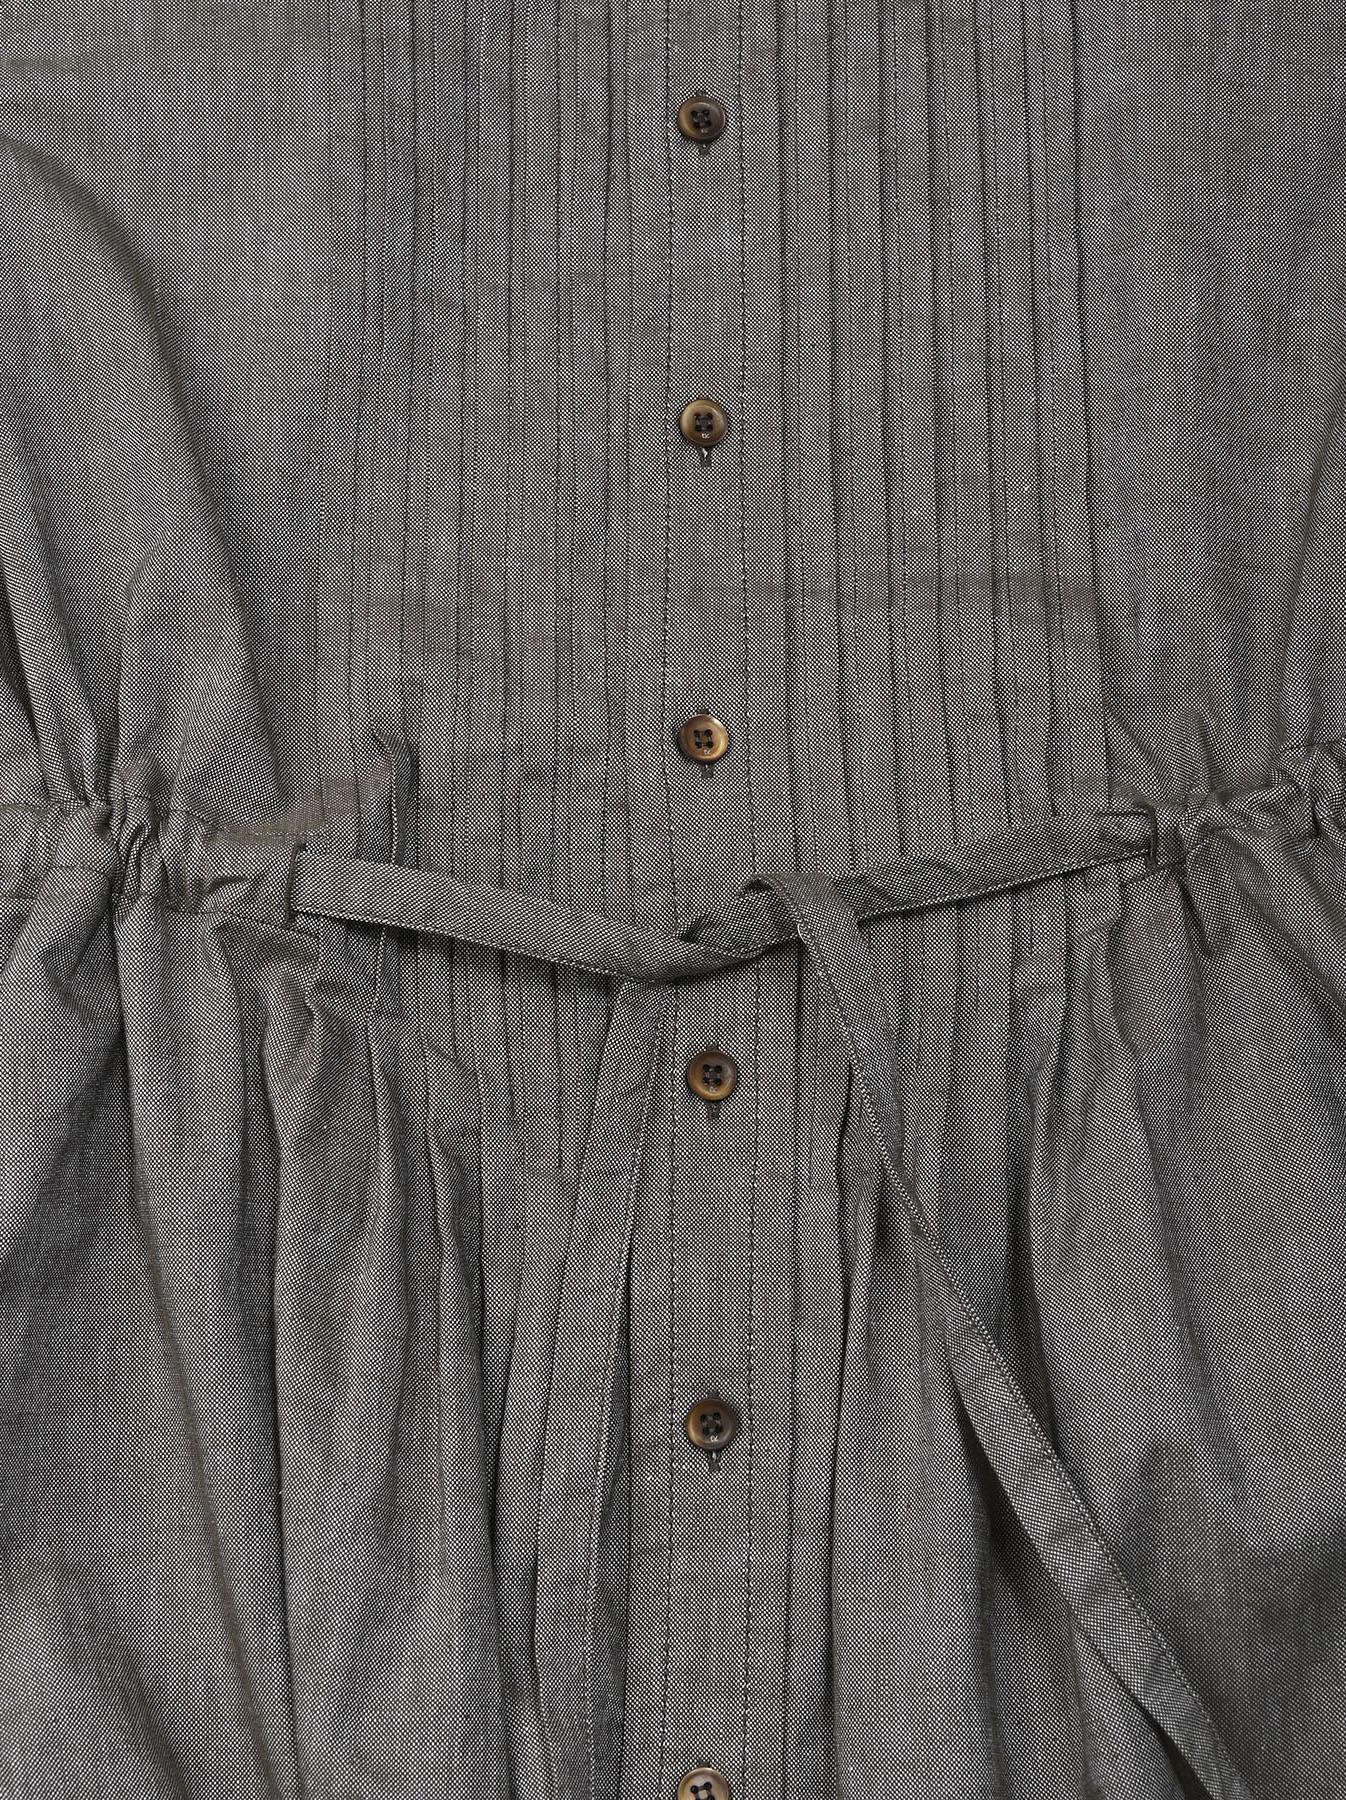 Zimbabwe Cotton Oxford Tuck Shirt Dress (0521)-10